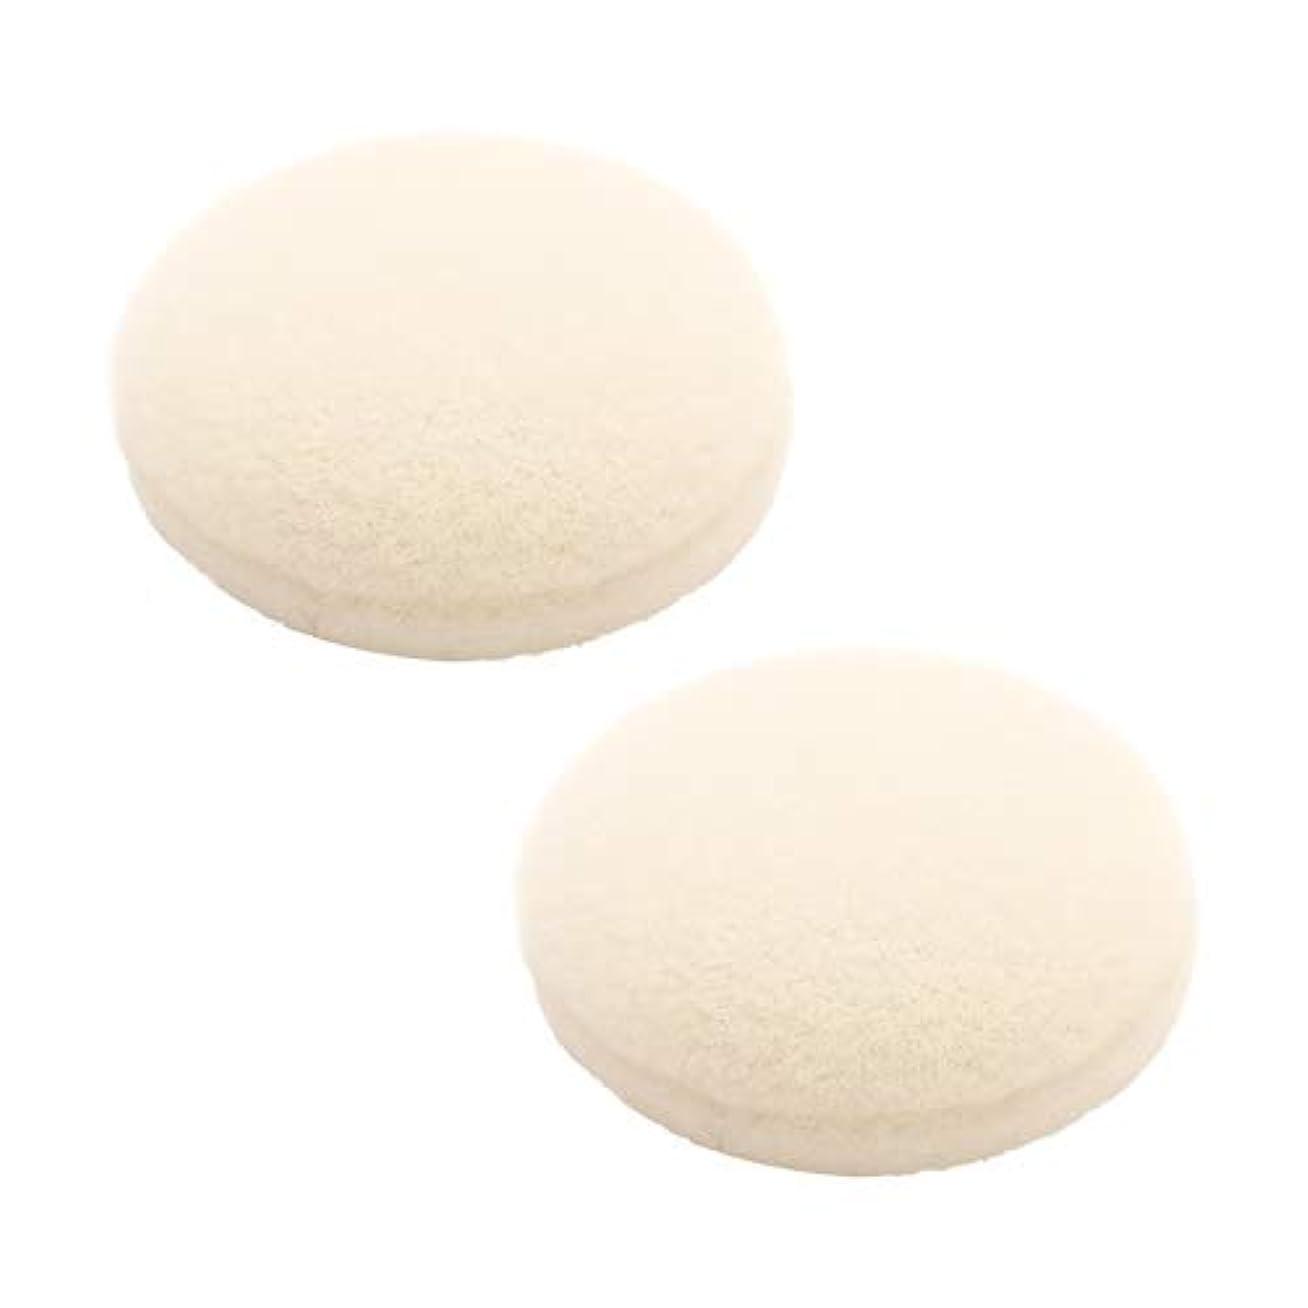 前任者教育学キャンバスETVOS(エトヴォス) ポンポンミネラルチーク専用替えパフ(2枚セット) 直径3.5cm 洗い替え 綿ビロード(綿天)